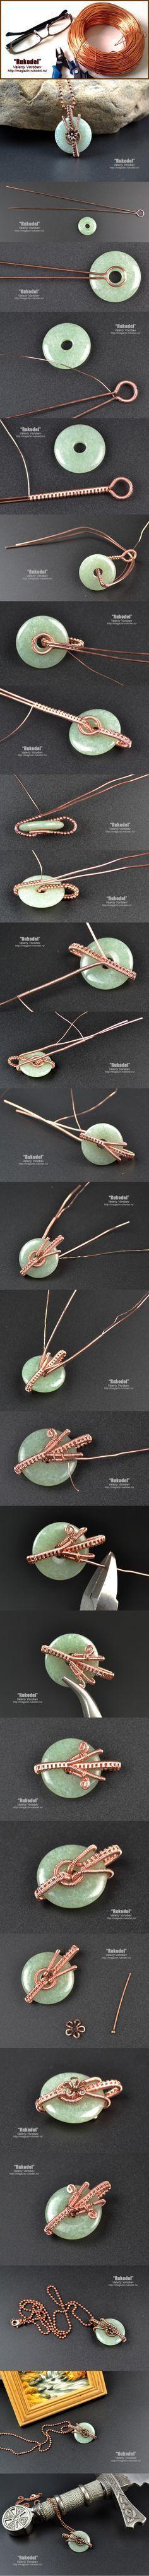 awesome DIY Bijoux - Украшения из натуральных камней. | Рукодел